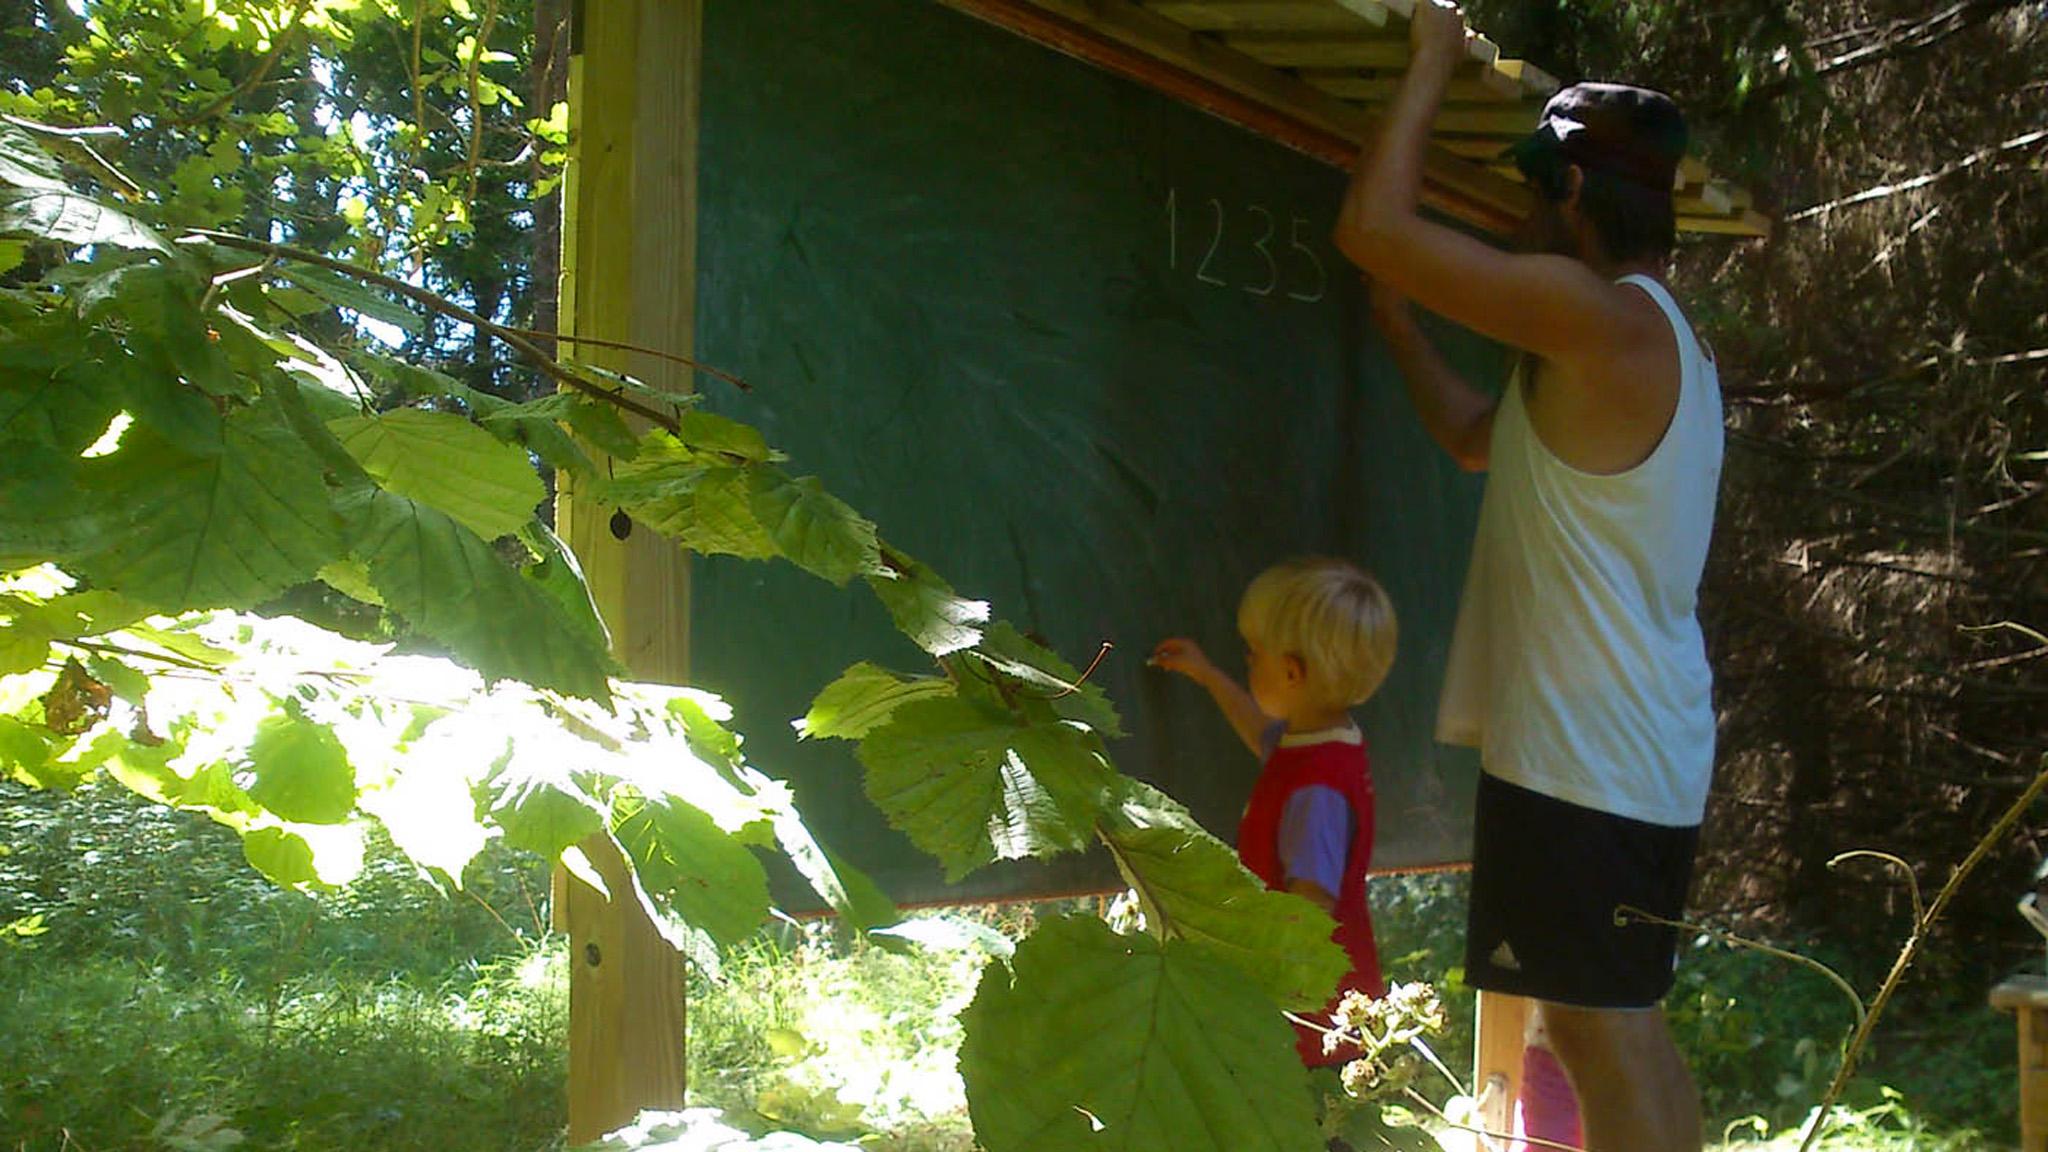 Brösarps skola och förskola fick sitt eget skogsklassrum, en griffeltavla att skriva på och stockar att sitta på, mitt ute i naturen ett stenkast från skolan.